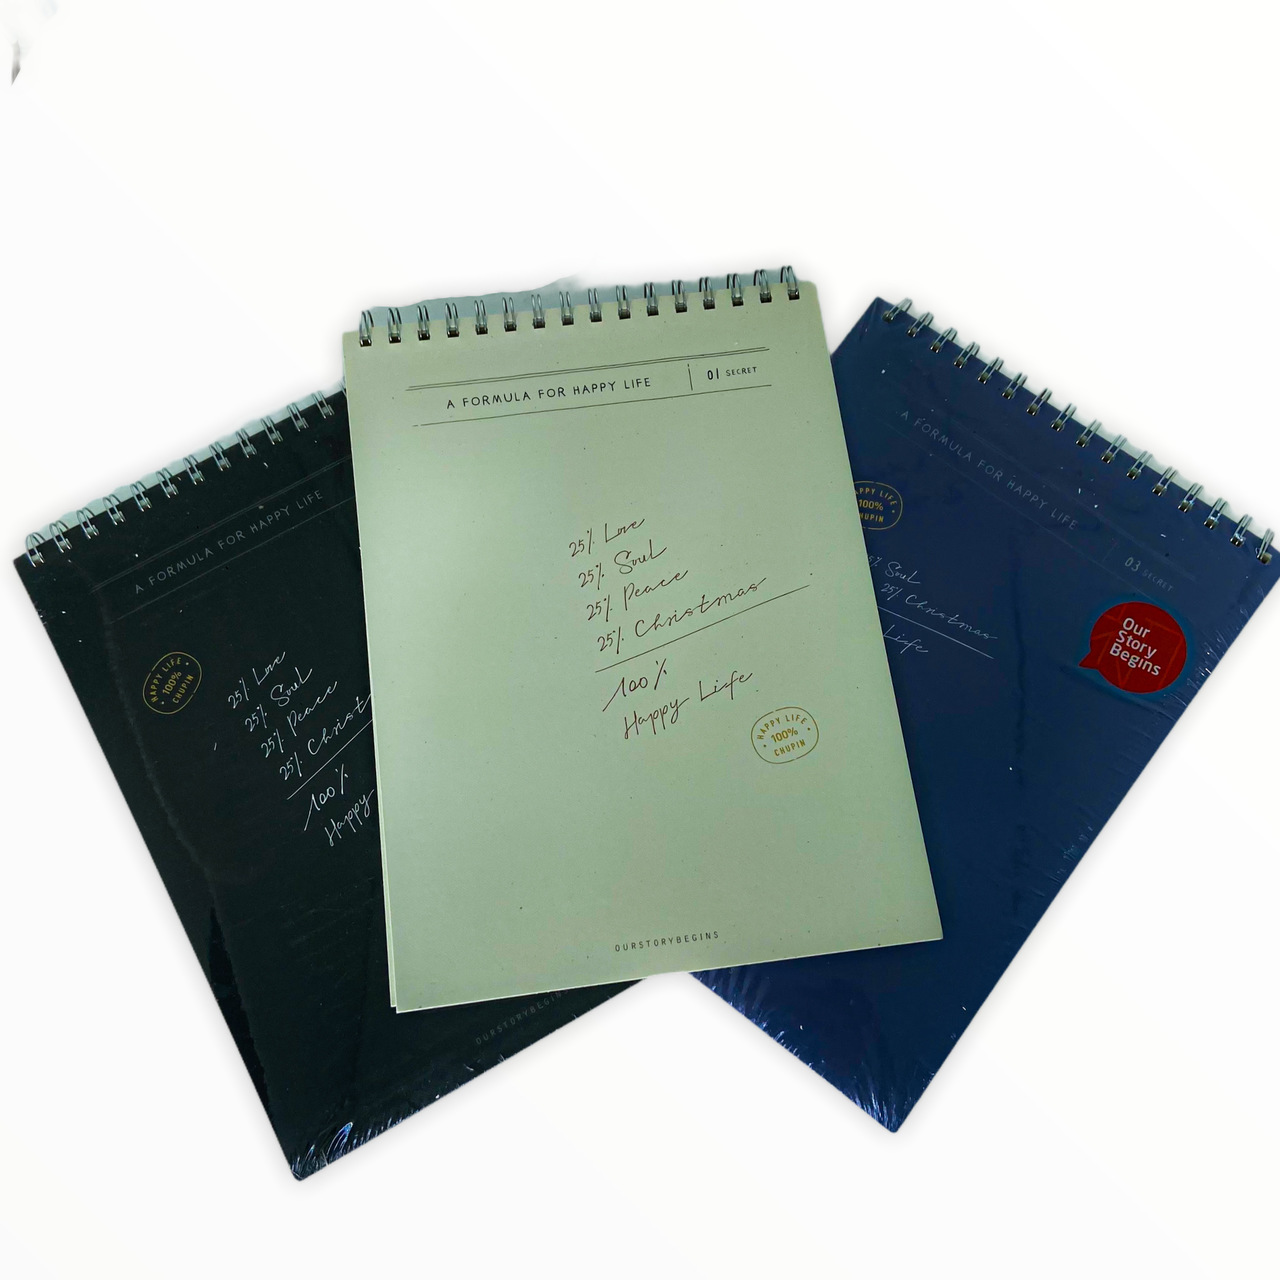 Caderno De Desenho Our Story Begins Espiral A4 45 Folhas Moure Jar